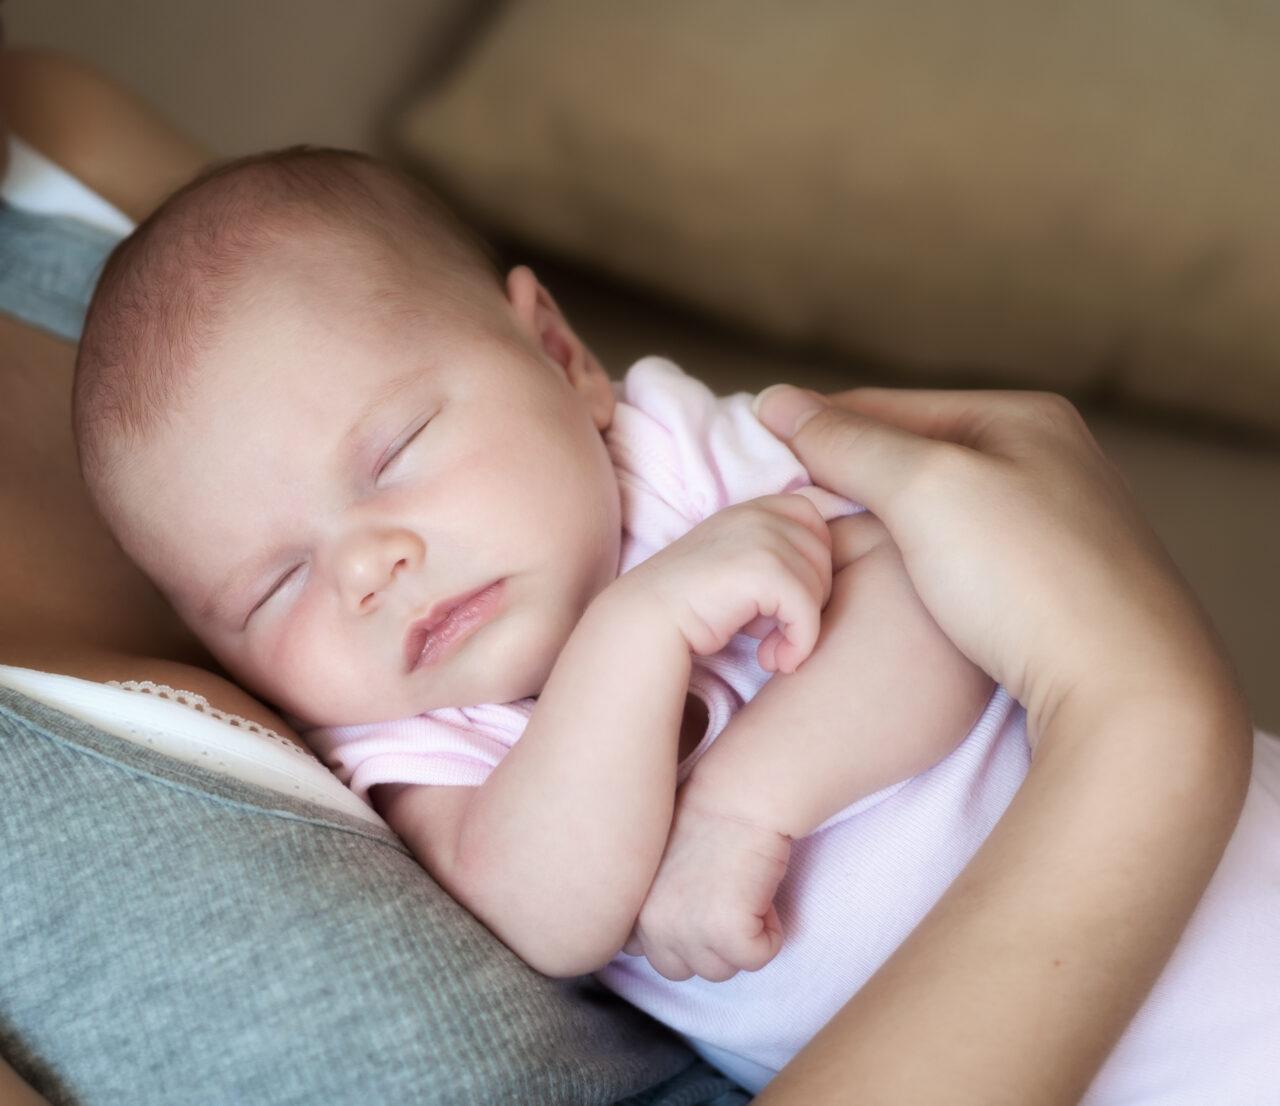 Die neuen Medela Baby Nuggis passen perfekt!